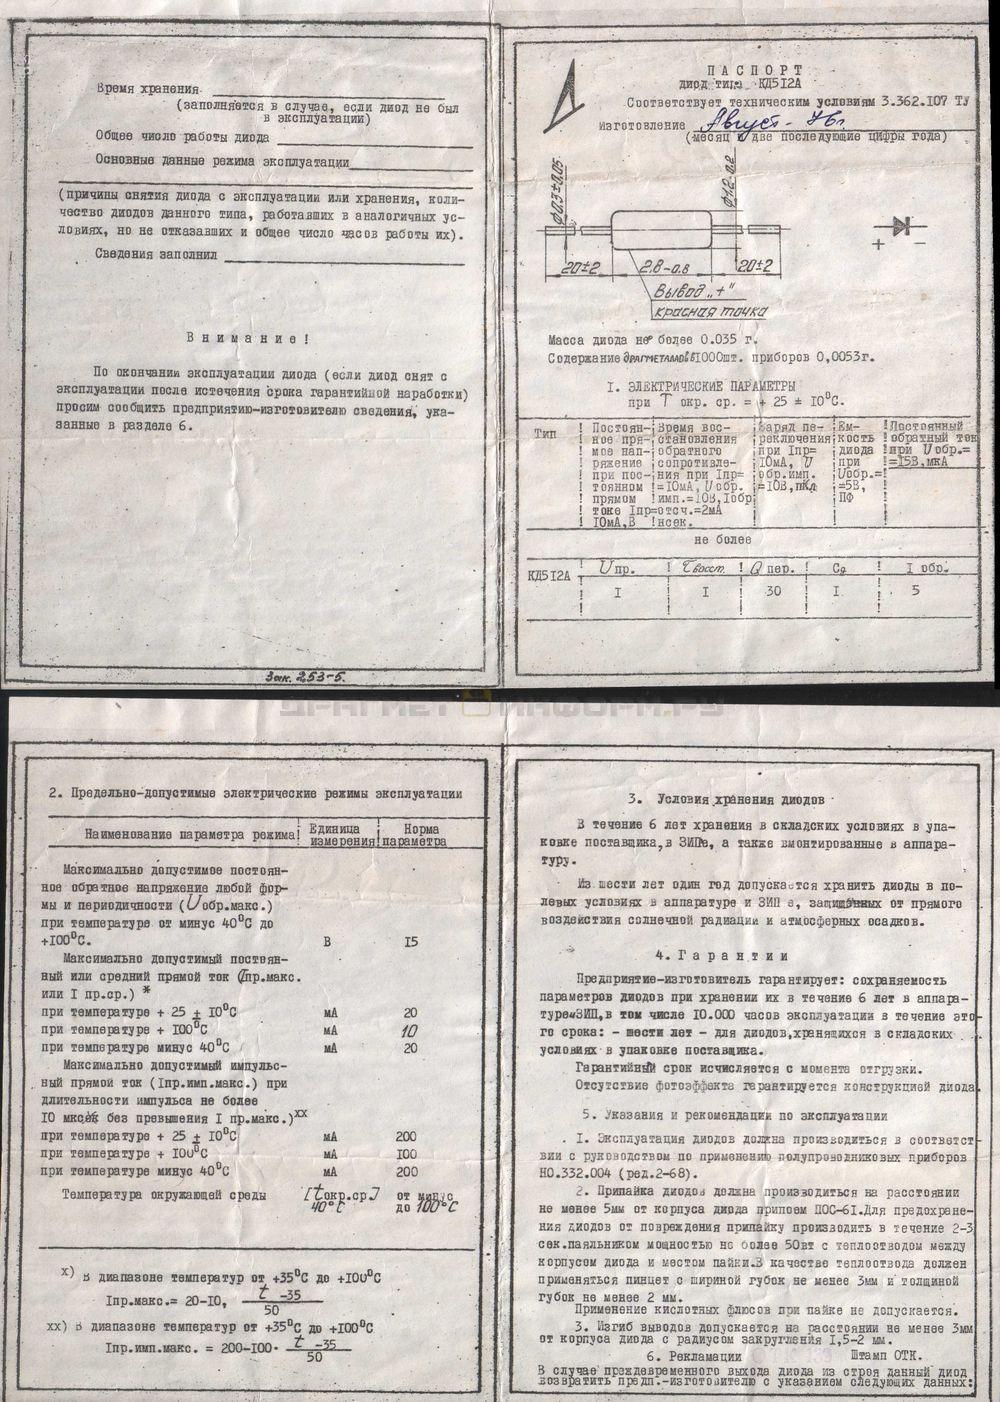 Формуляр КД512А УХЛ 2.1 ТТ3.362.107 ТУ